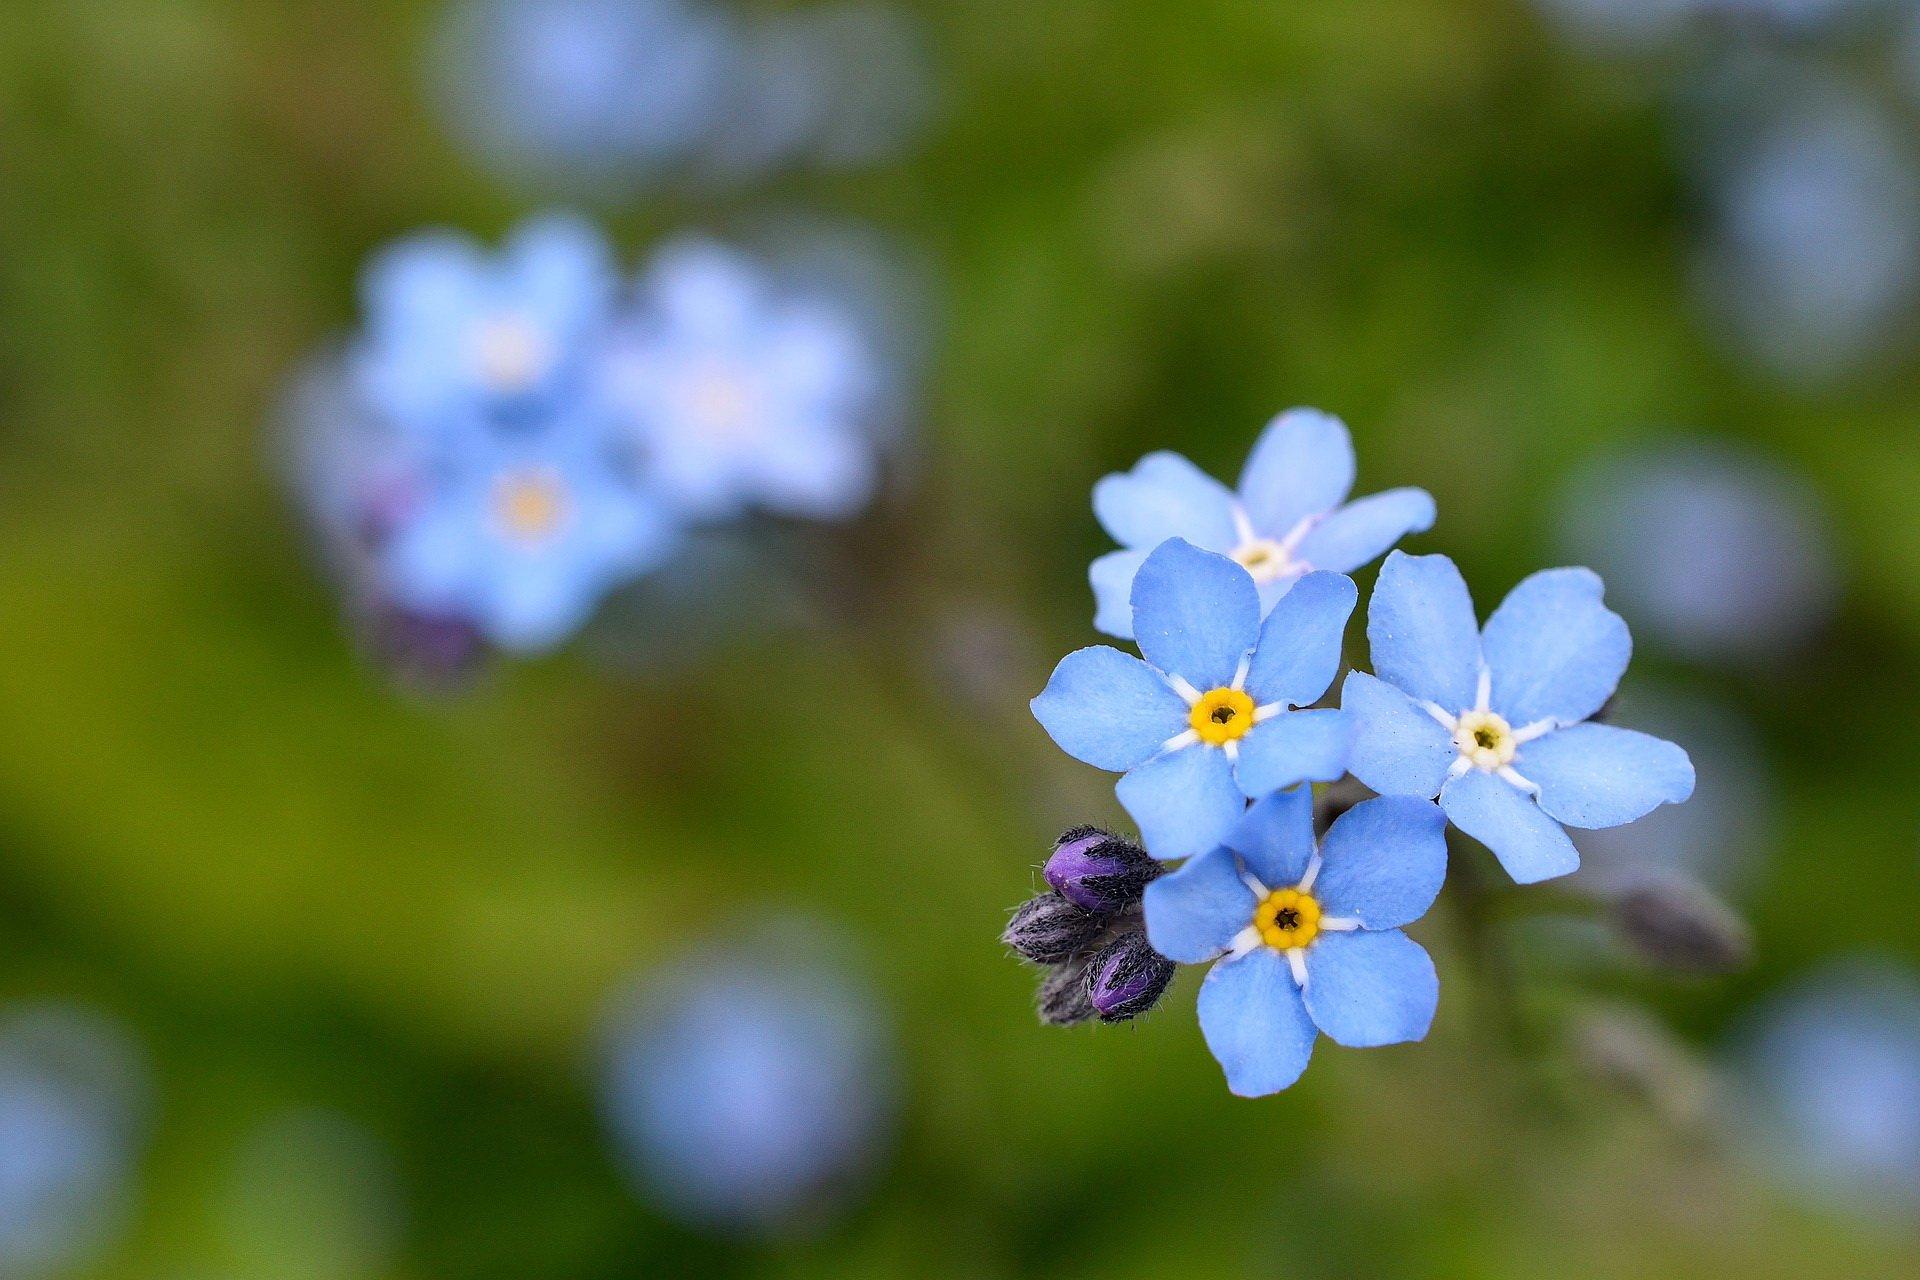 Niezapominajki, piosenka, tekst i melodia. Piosenki dla dzieci o kwiatkach